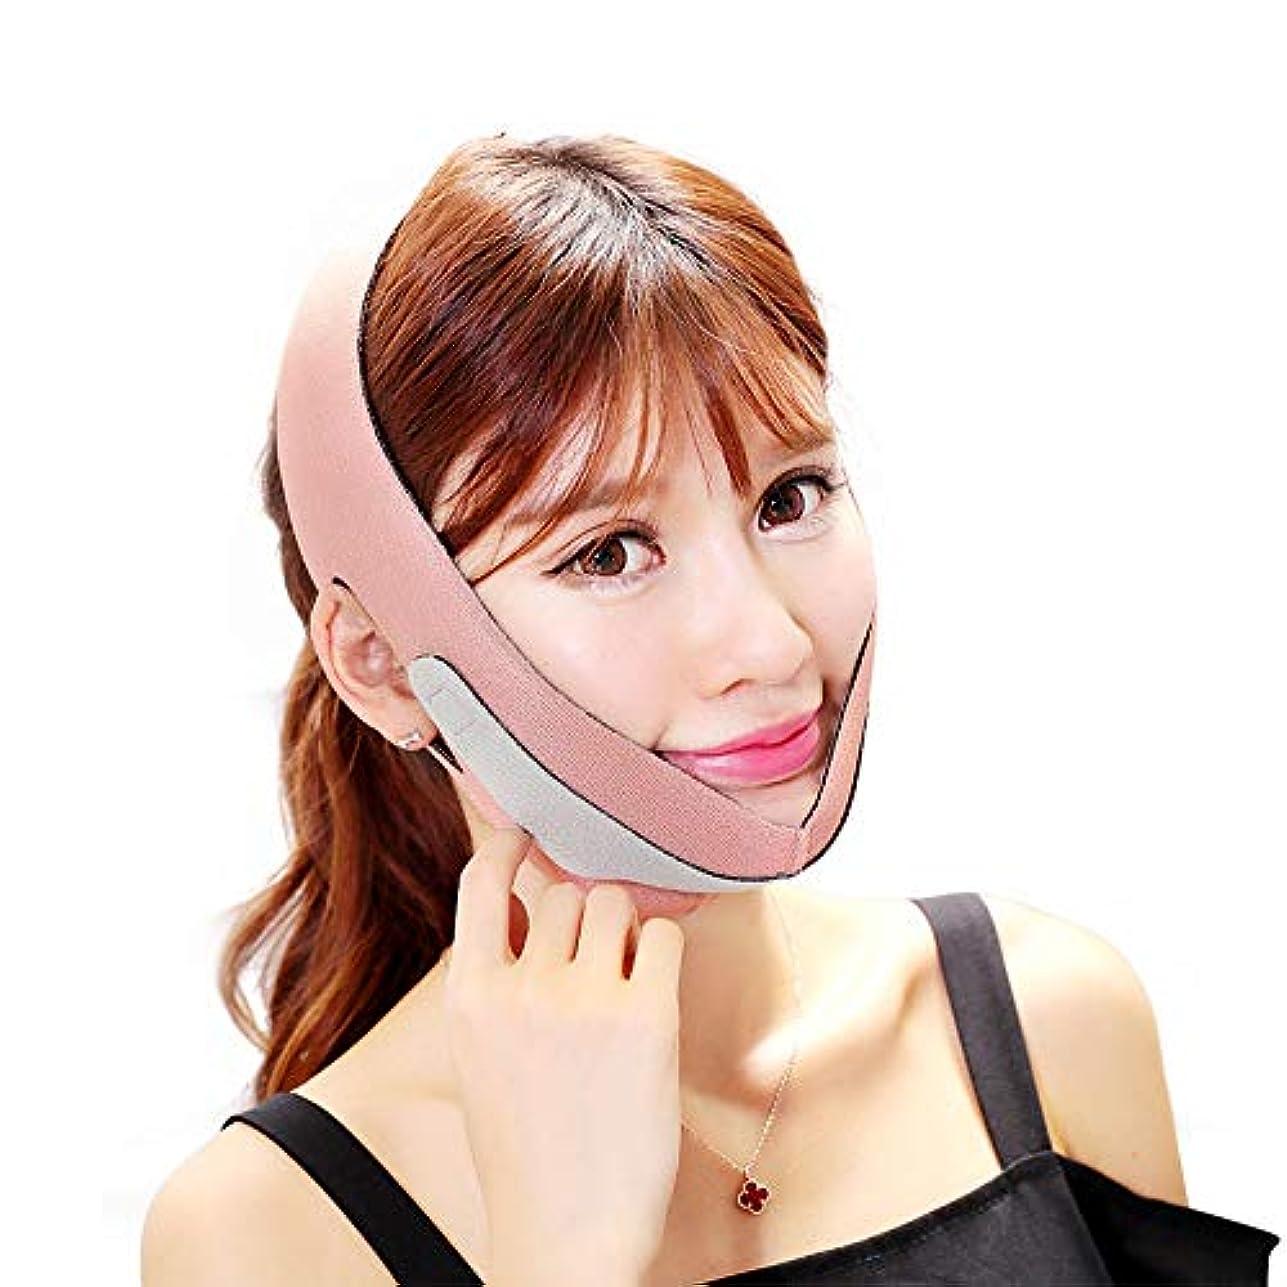 普通にケニアポルトガル語【Maveni】小顔 矯正 ベルト 美顔 顔痩せ 最新型 リフトアップベルト フェイスマスク メンズ レディース